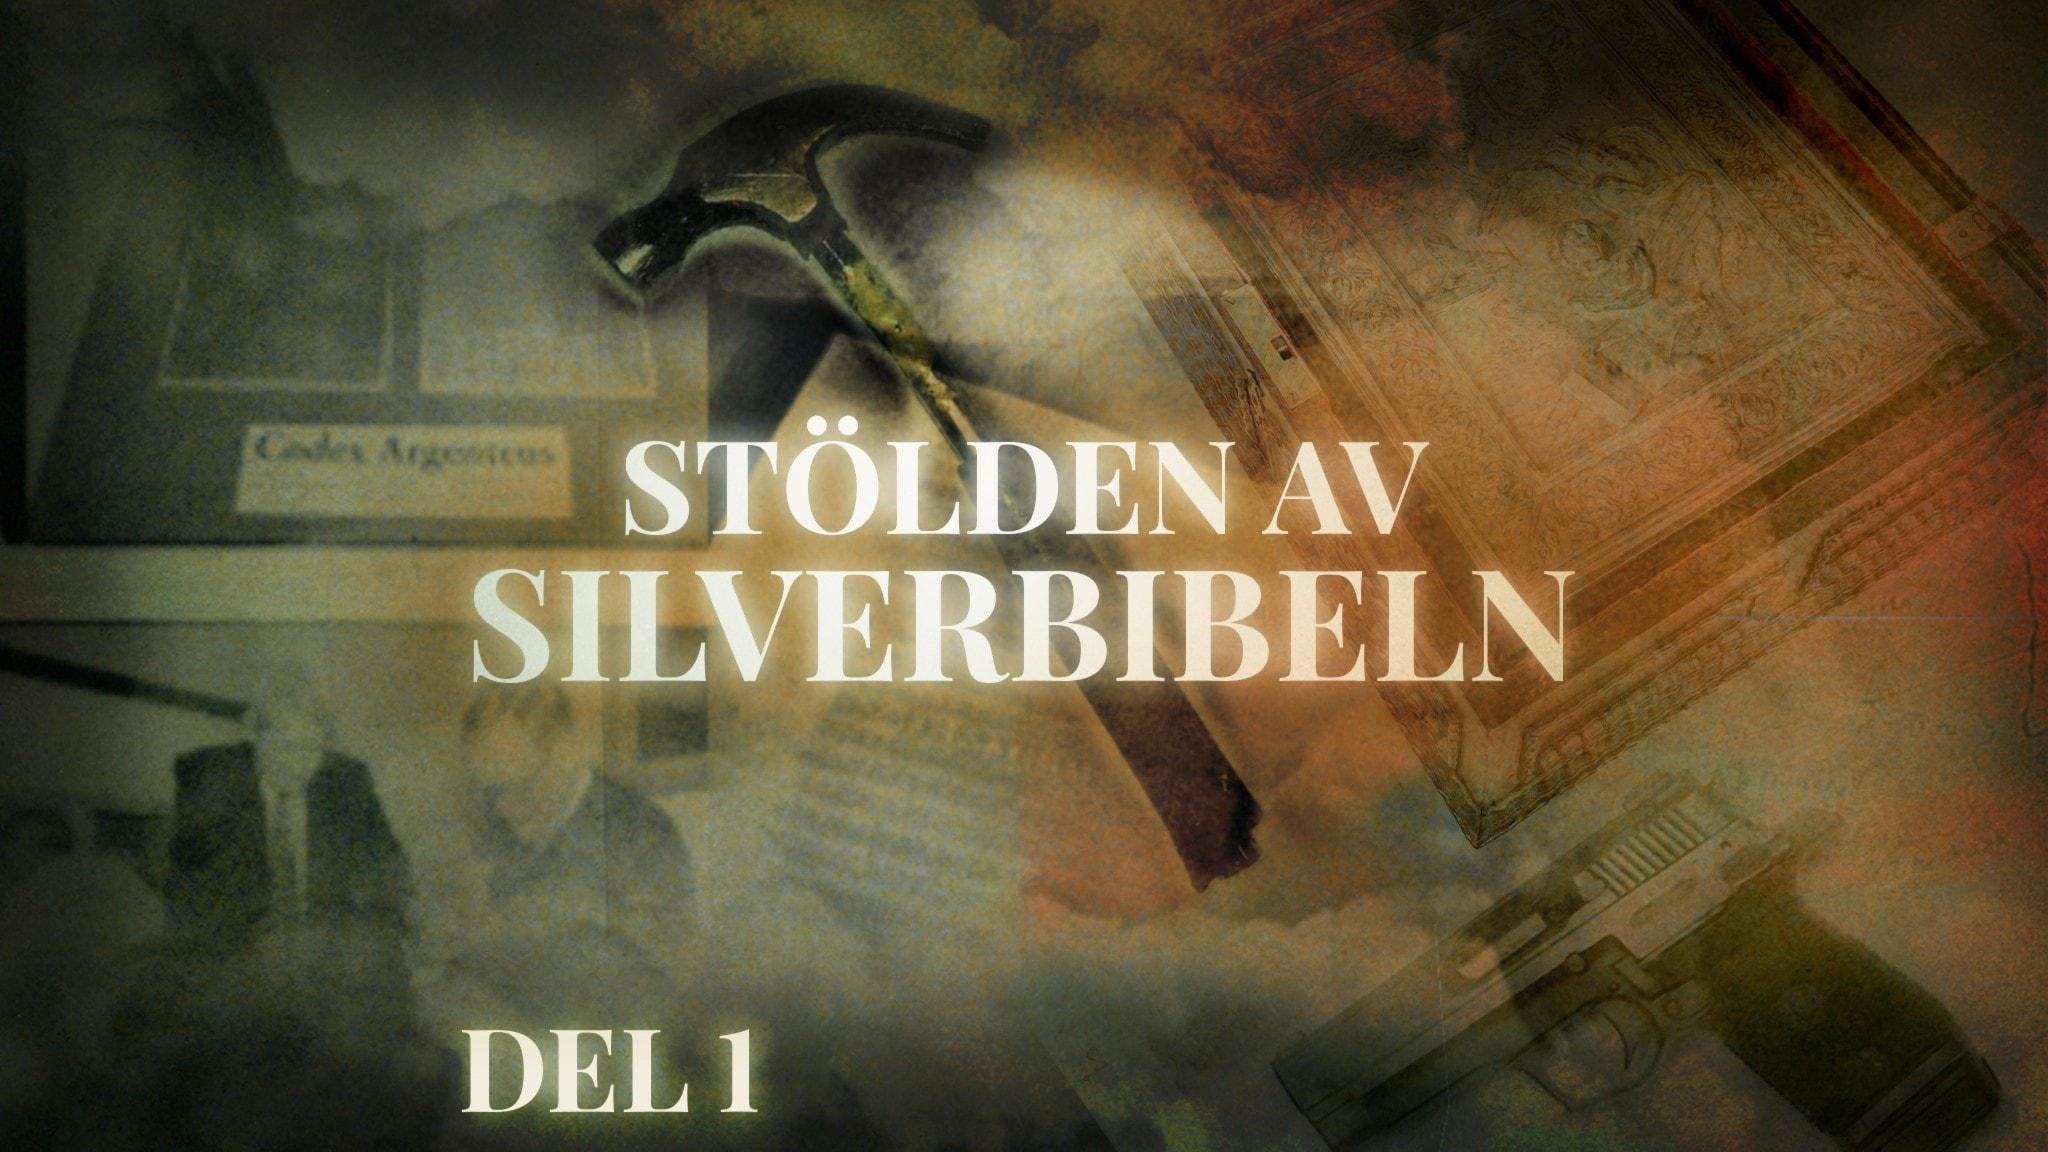 Silverbibeln är kronjuvelen i Uppsala universitets samlingar. Den stjäls mitt på dagen i april 1995 och tjuvarna försvinner spårlöst.